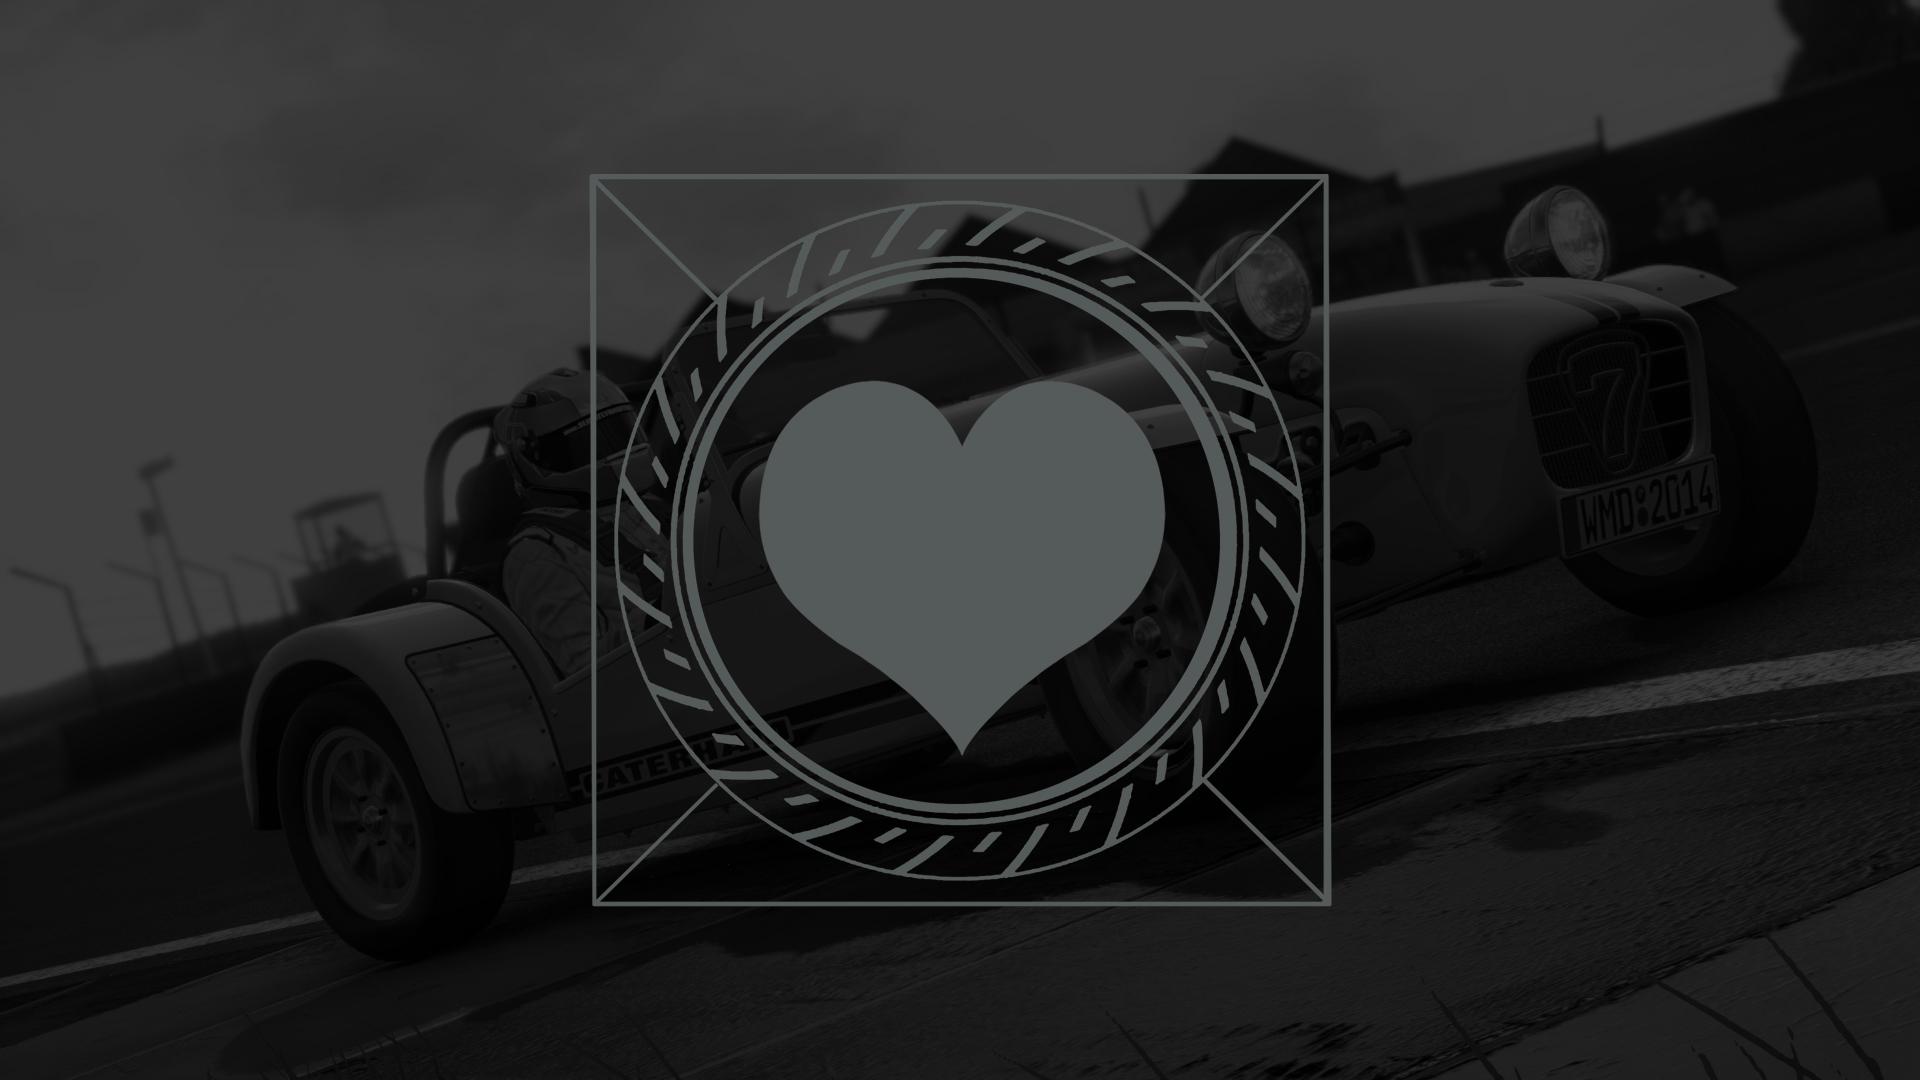 Petrolicious Love